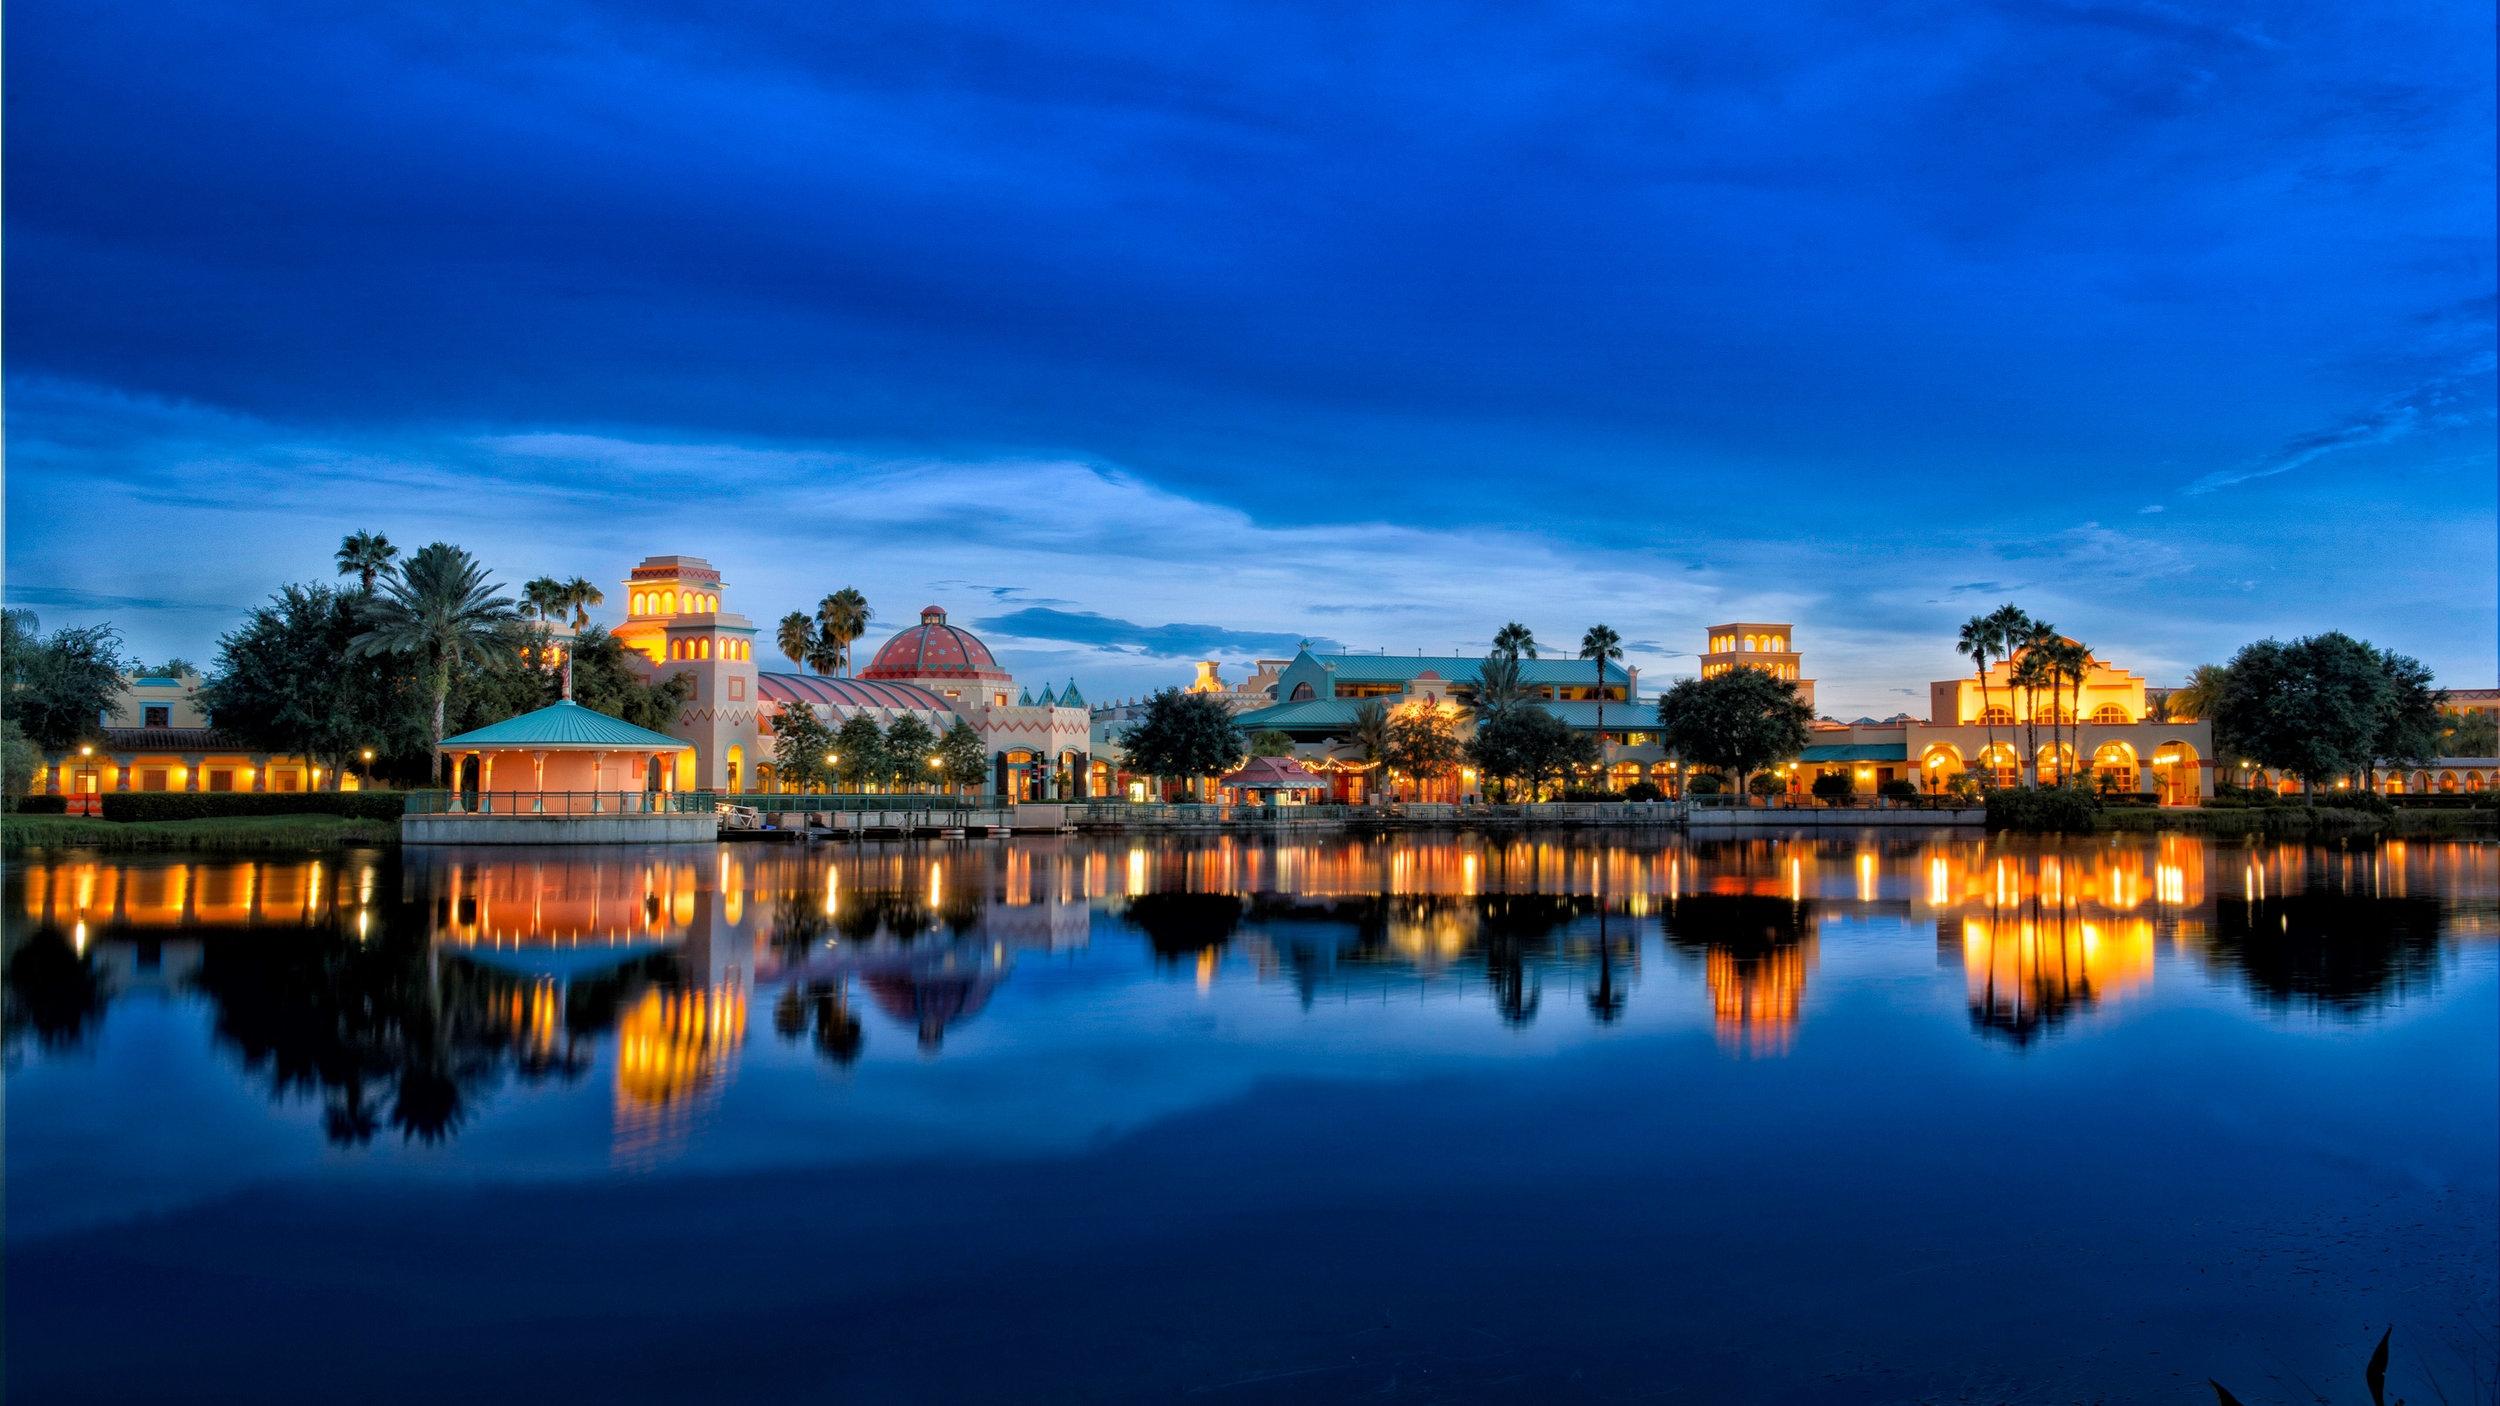 Disney's Coronado Springs Resort - ¿Quieres conocer sus habitaciones?